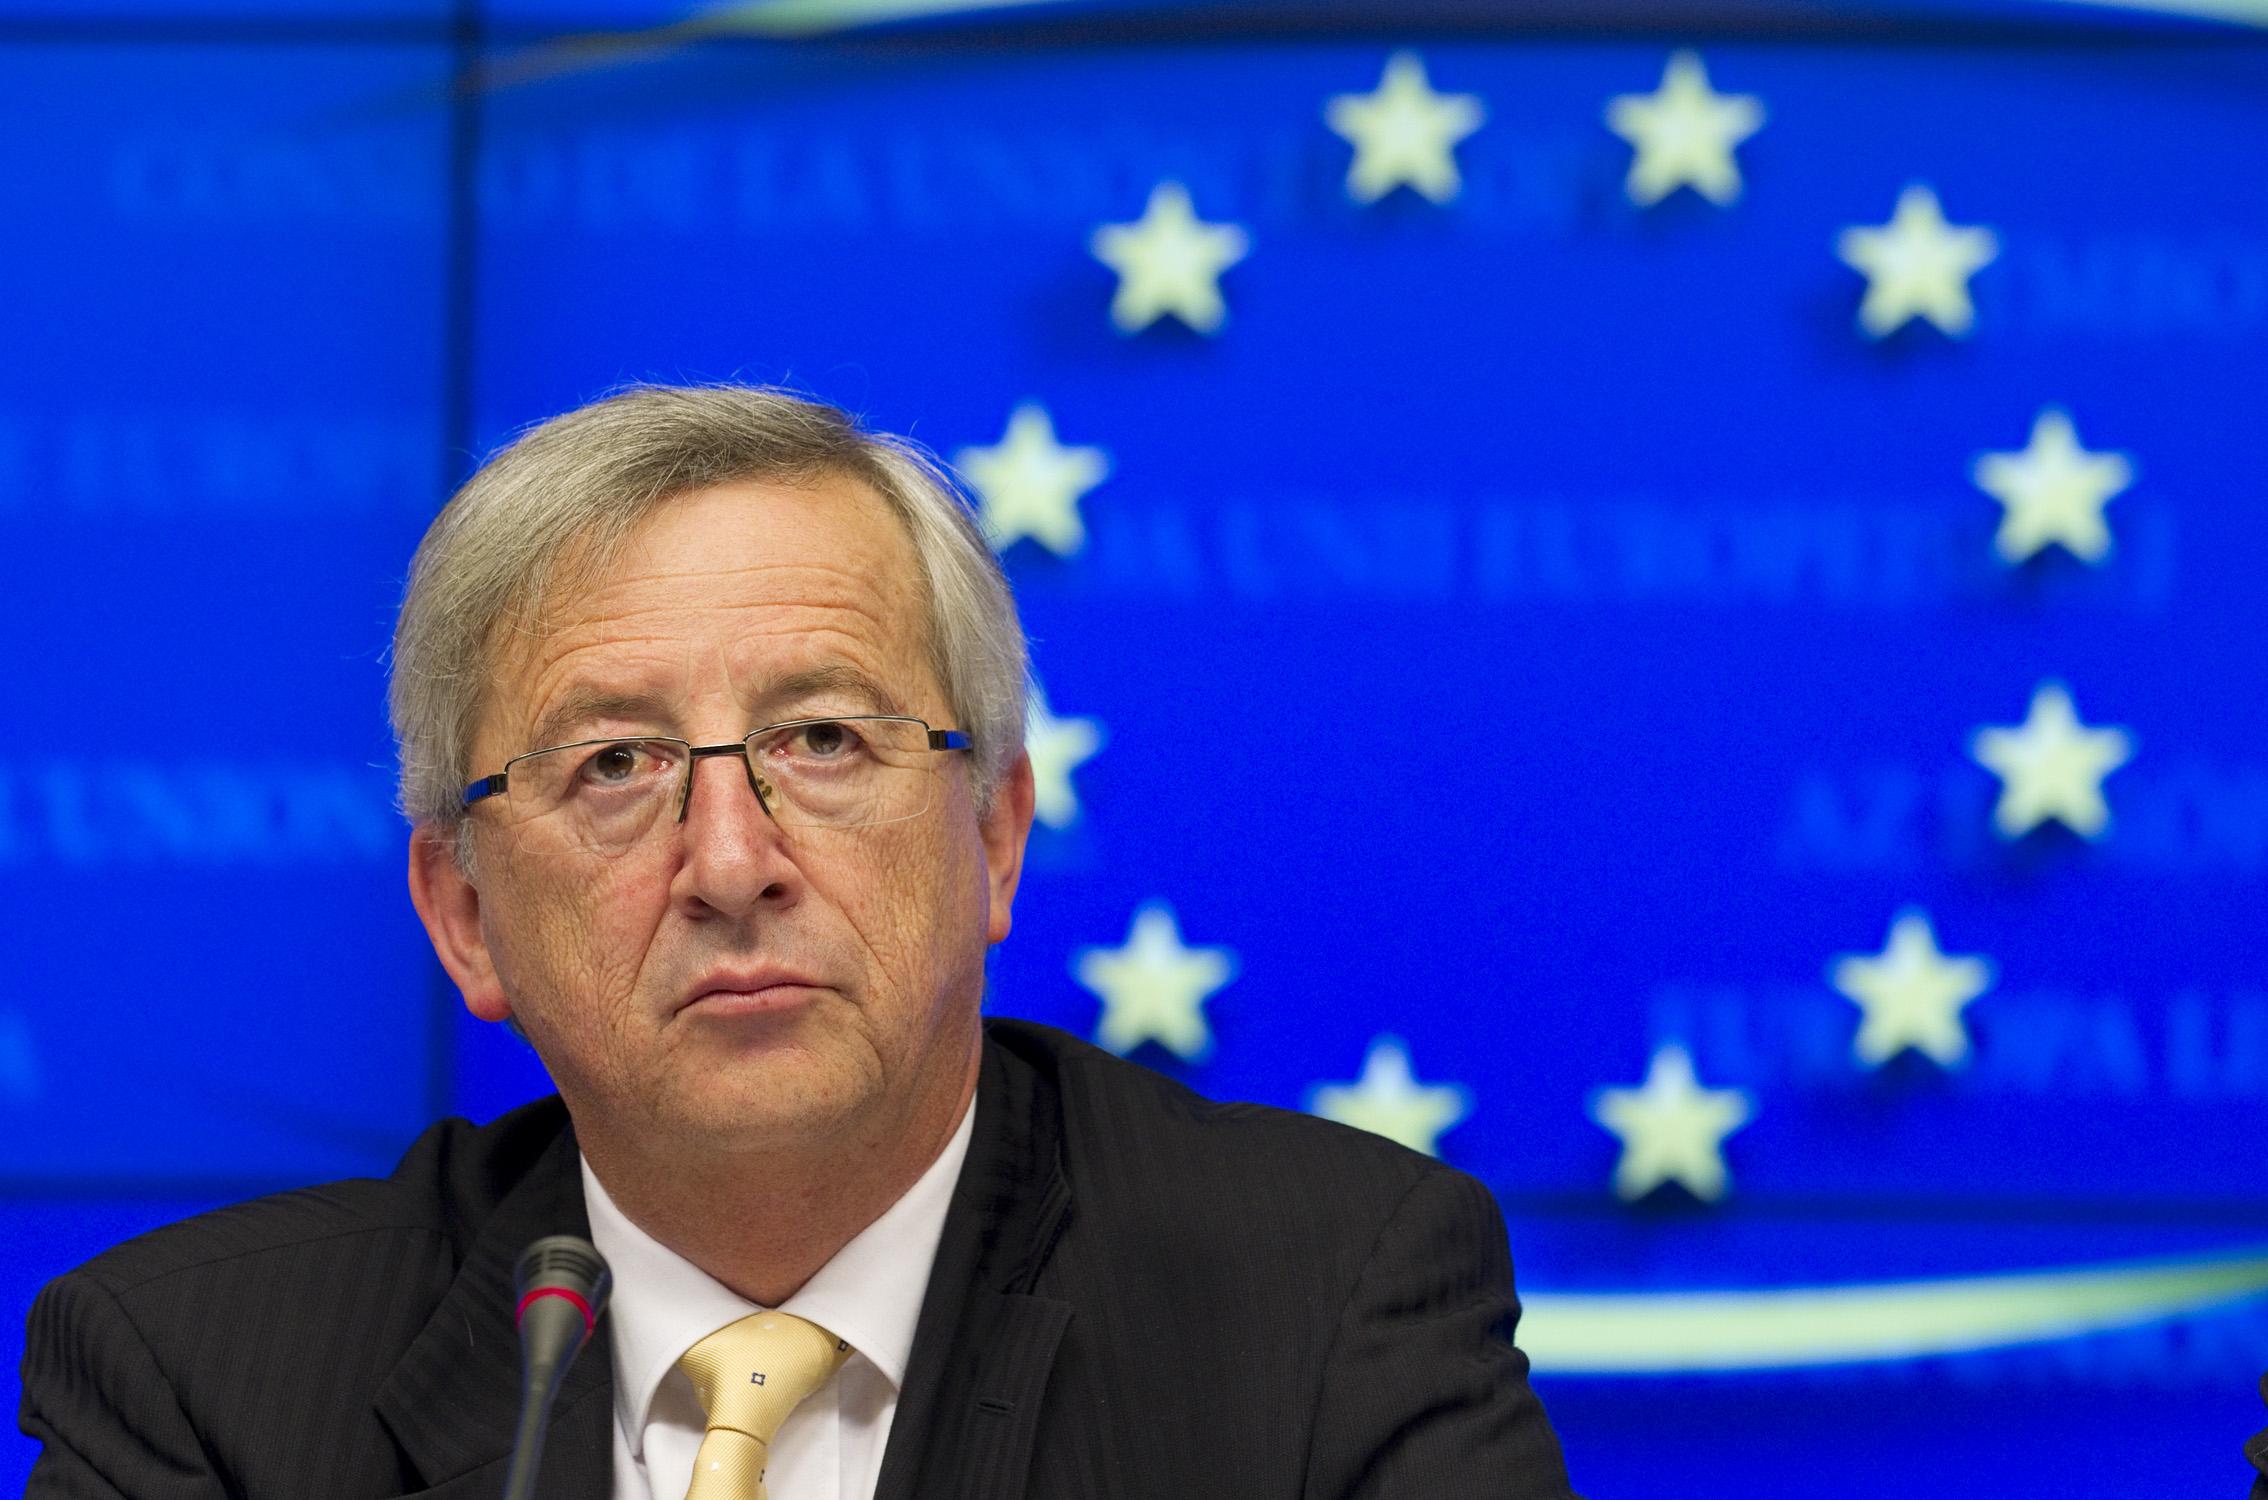 Comisarul european Jean Claude Juncker sprijină aderarea Serbia la UE